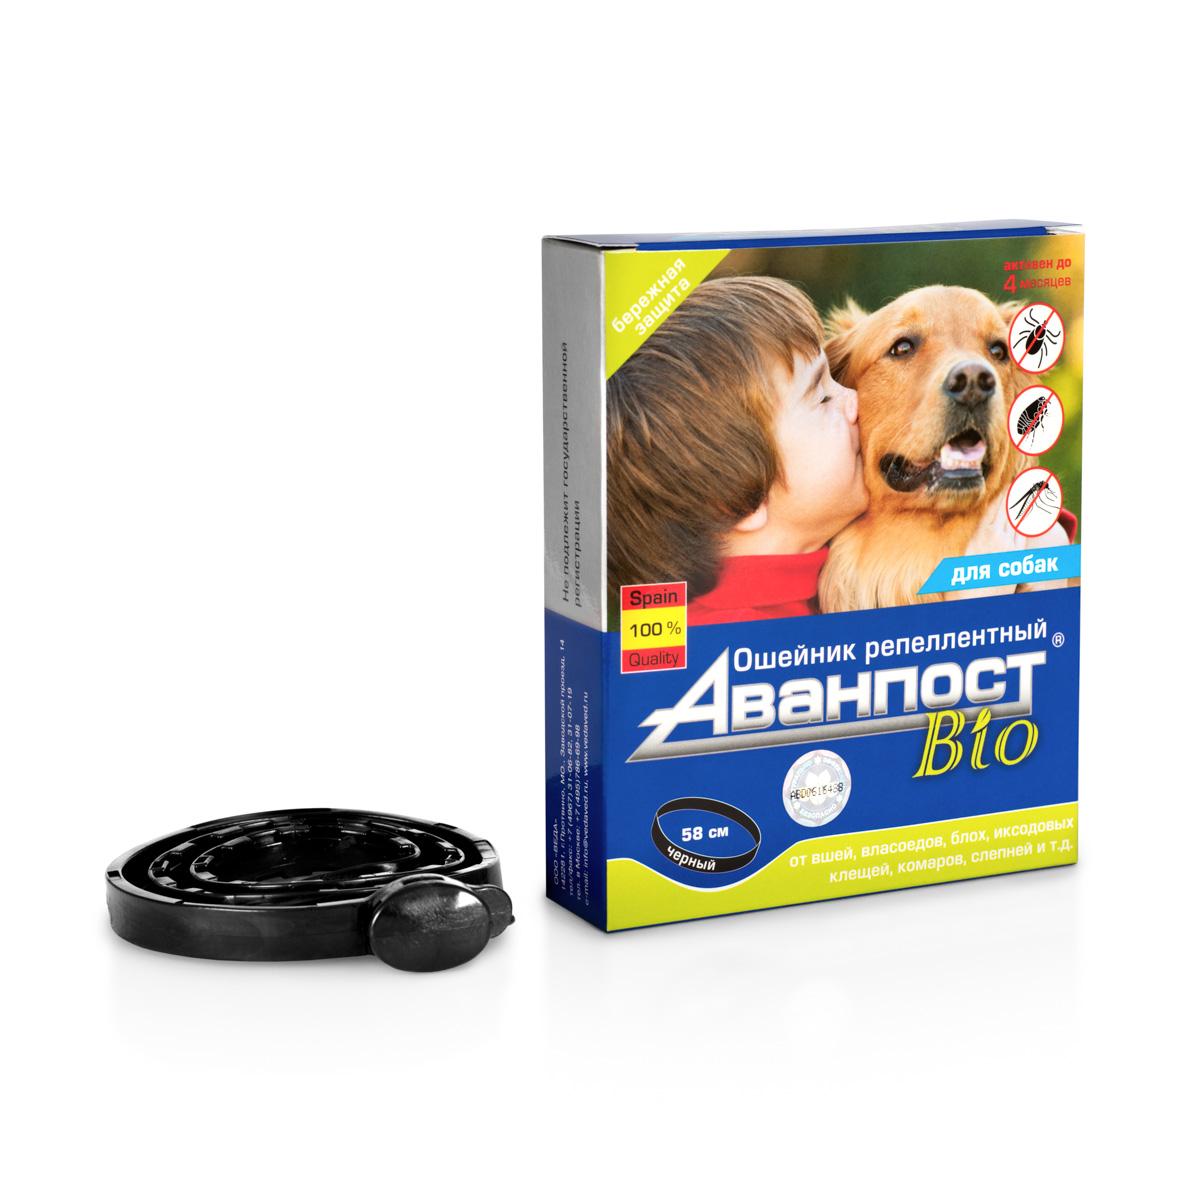 Аванпост Bio Ошейник репеллентный для собак